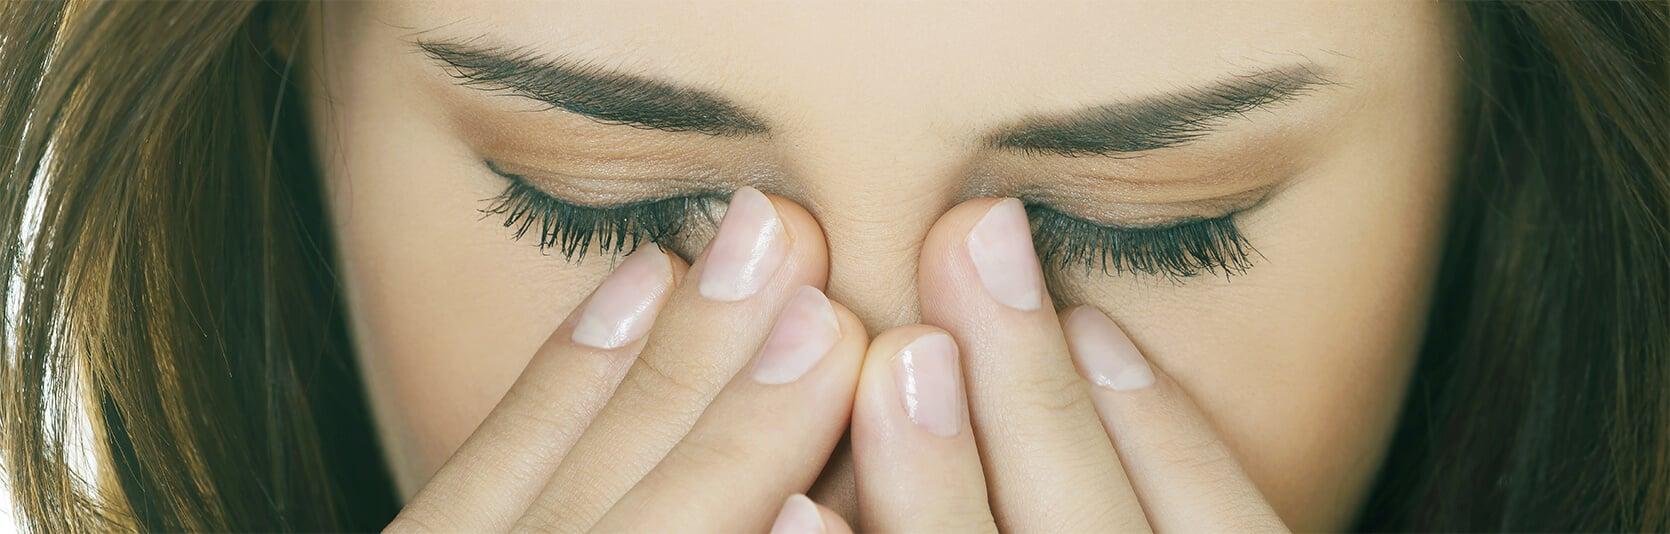 Síntomas de rechazo lentillas